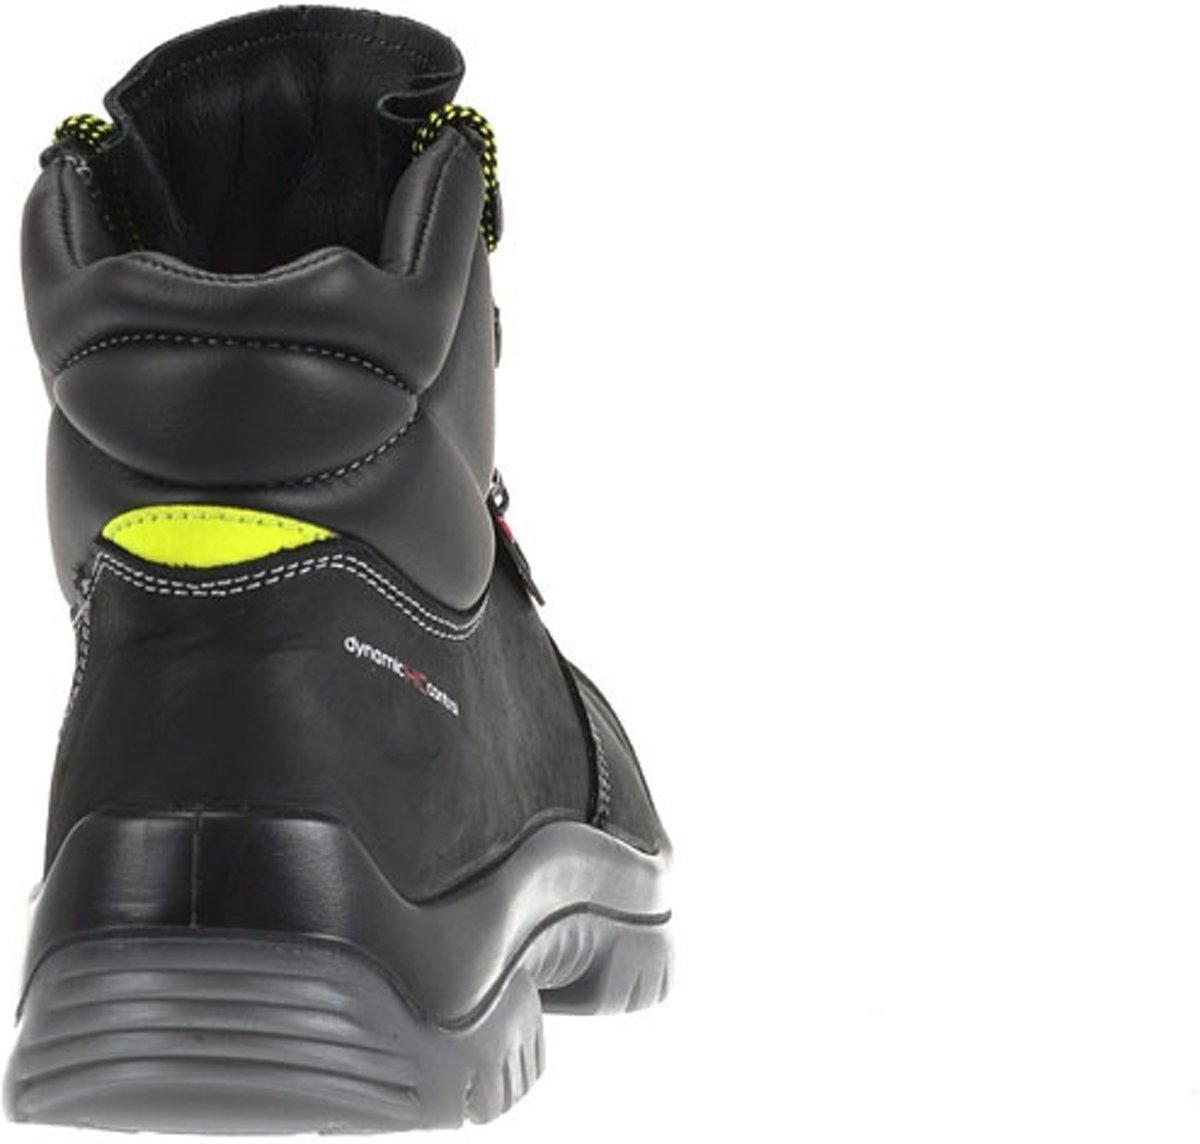 Sixton Timba Veiligheidssneakers S3 kopen